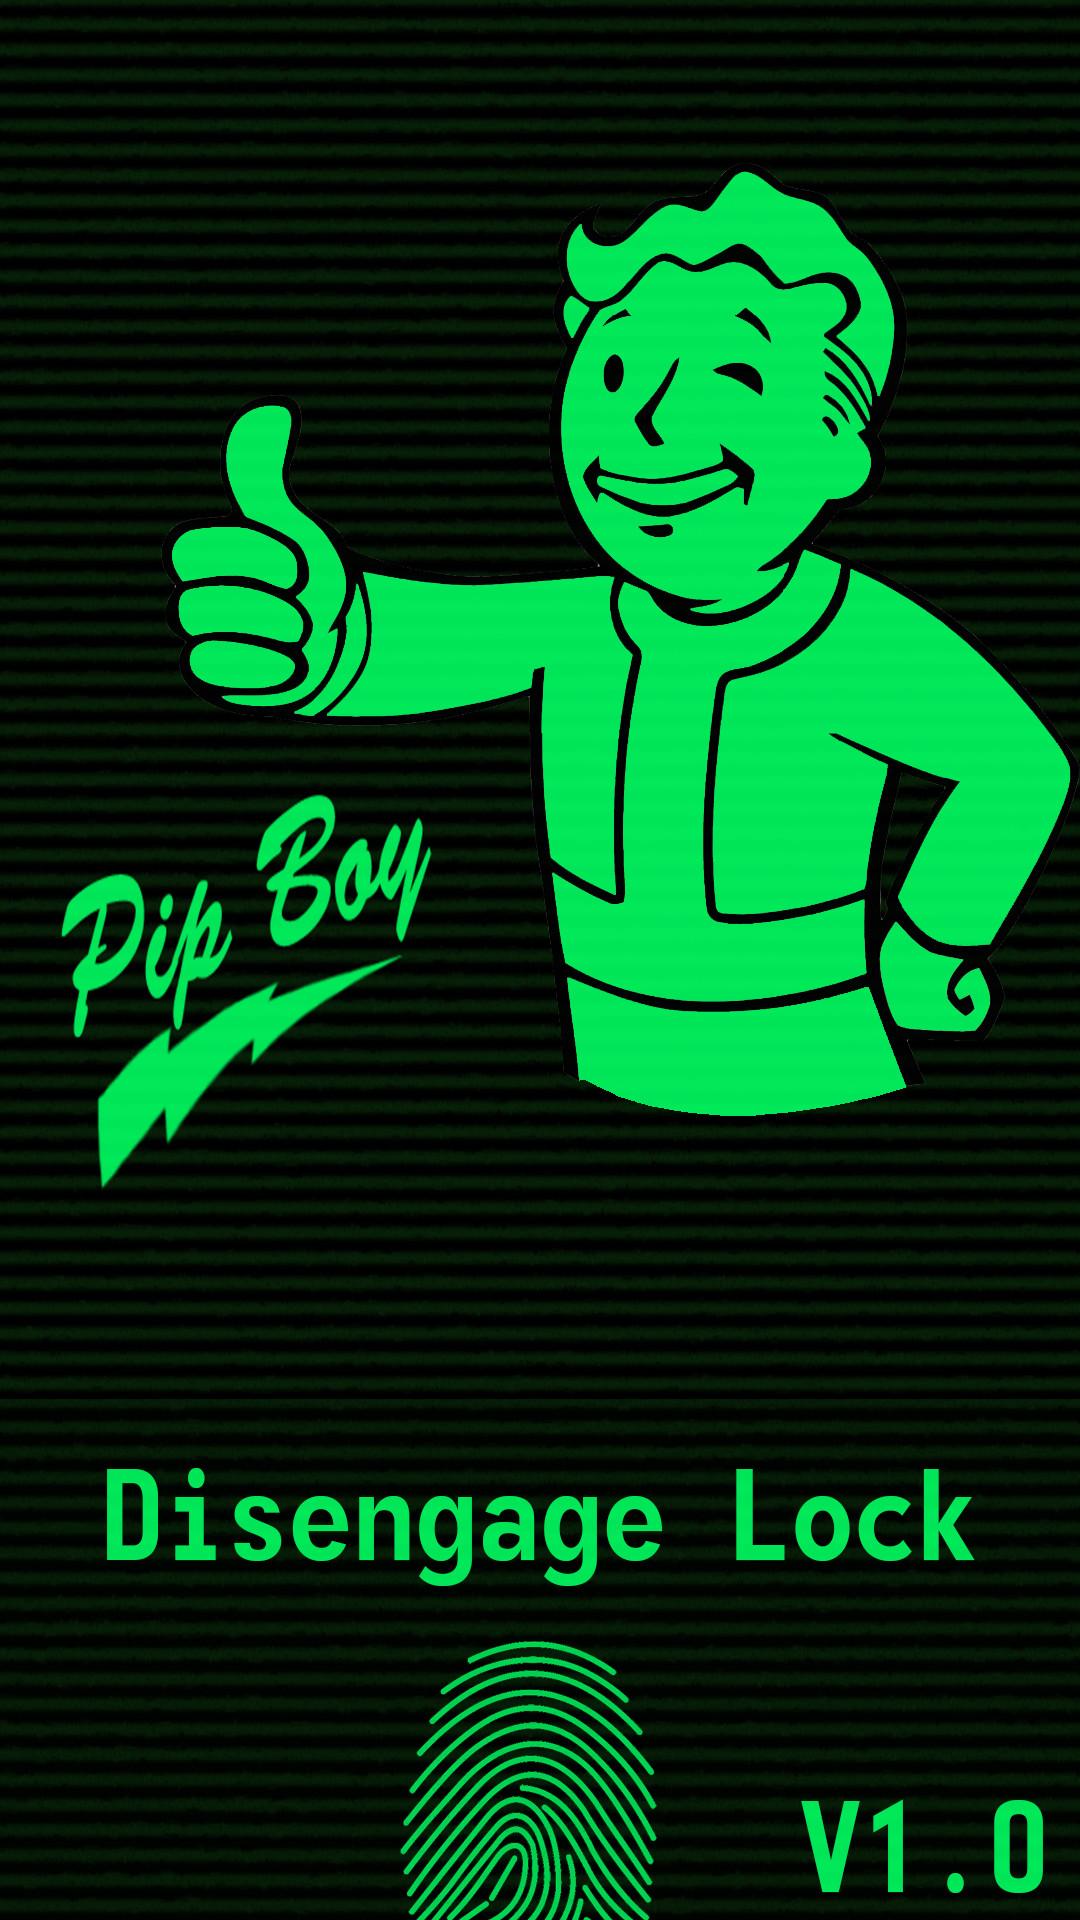 1080x1920, Ultra Hd Fallout 4 Pipboy Wallpaper 4k   - Vault Boy Wallpaper Phone - HD Wallpaper